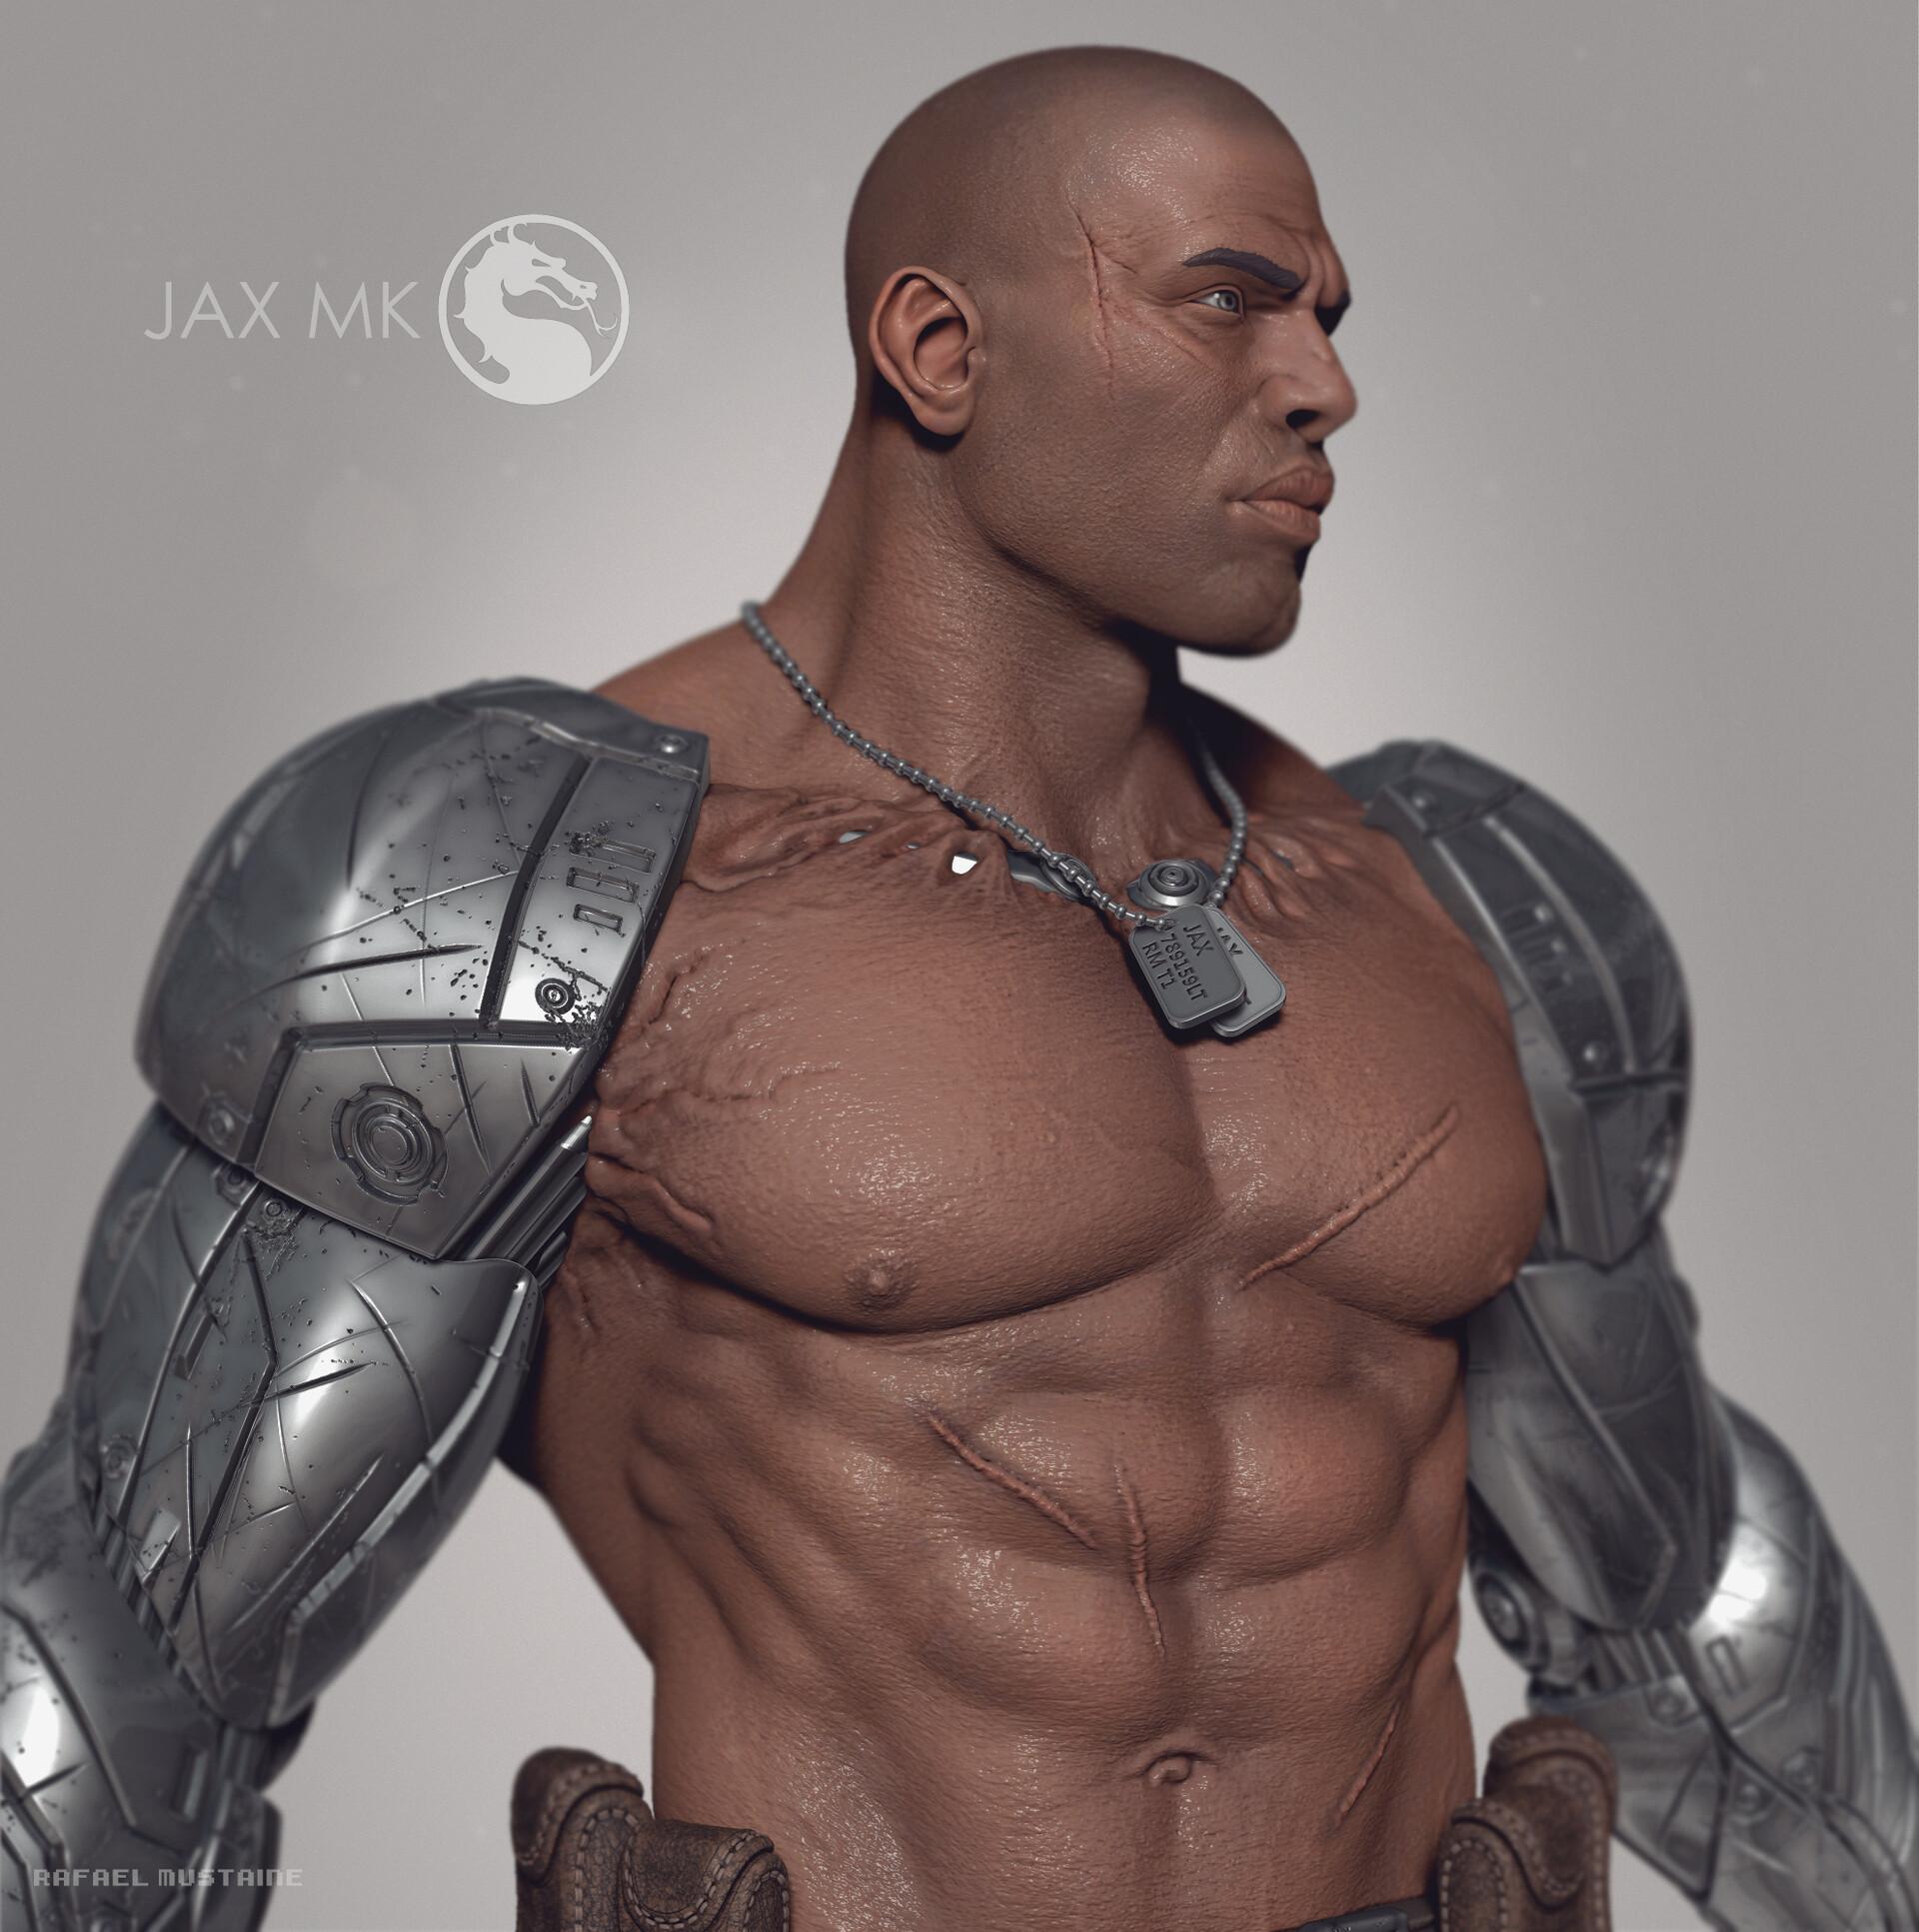 Rafael mustaine jax rafa1